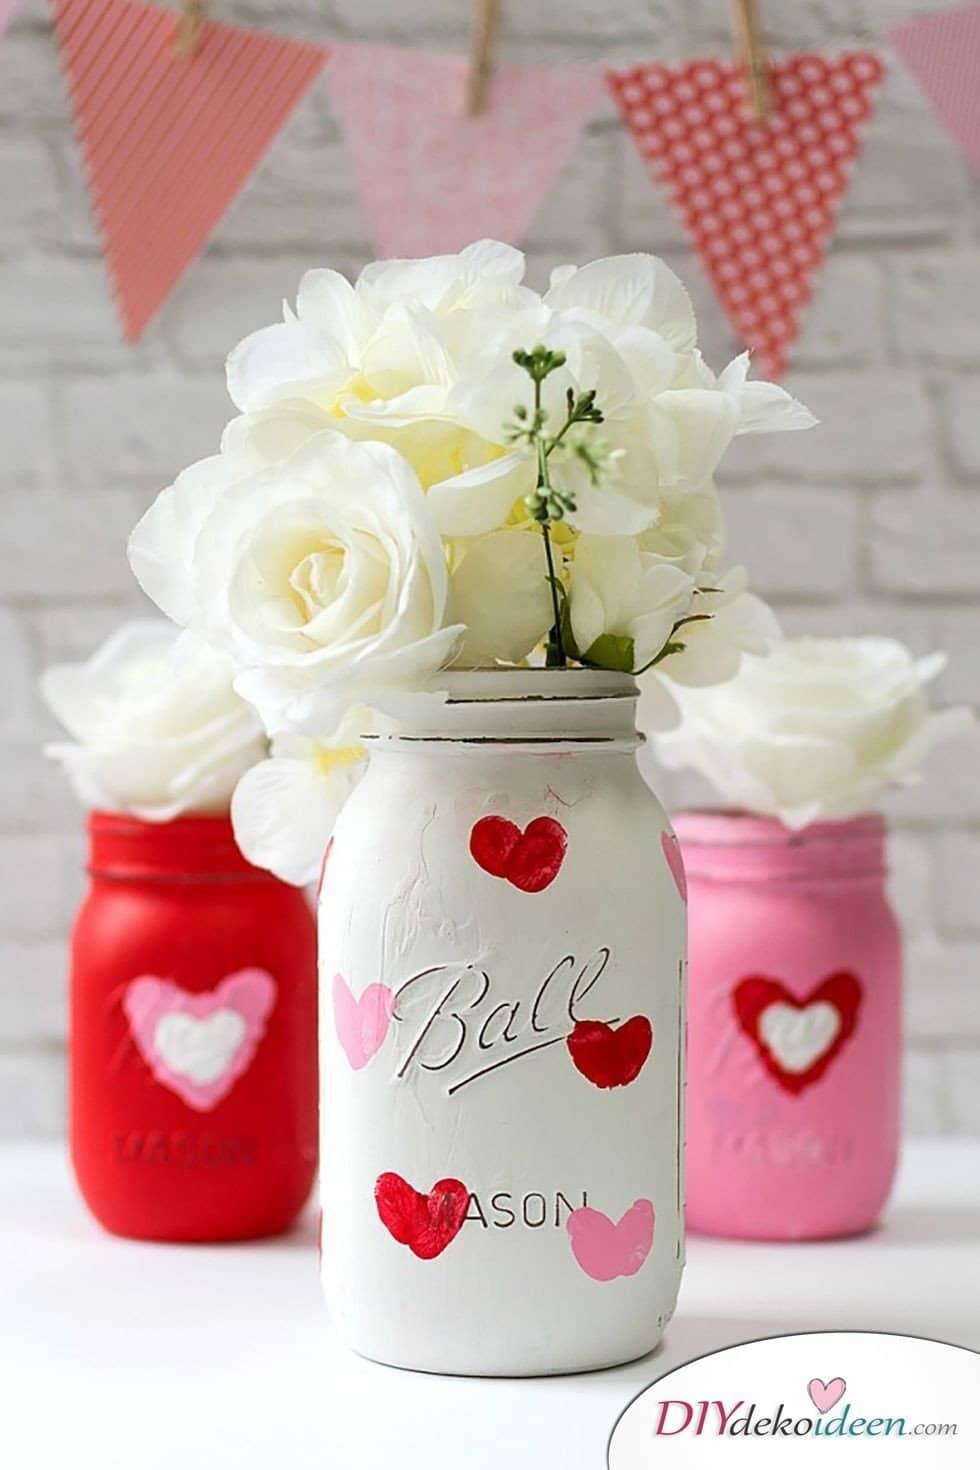 Vasen mit Herzmotiv, DIY Bastelideen zum Valentinstag, Valentinstag Deko Ideen, Deko Valentinstag, dekorieren, DIY Dekoideen, Deko basteln, romantische Deko, Geschenkidee Valentinstag